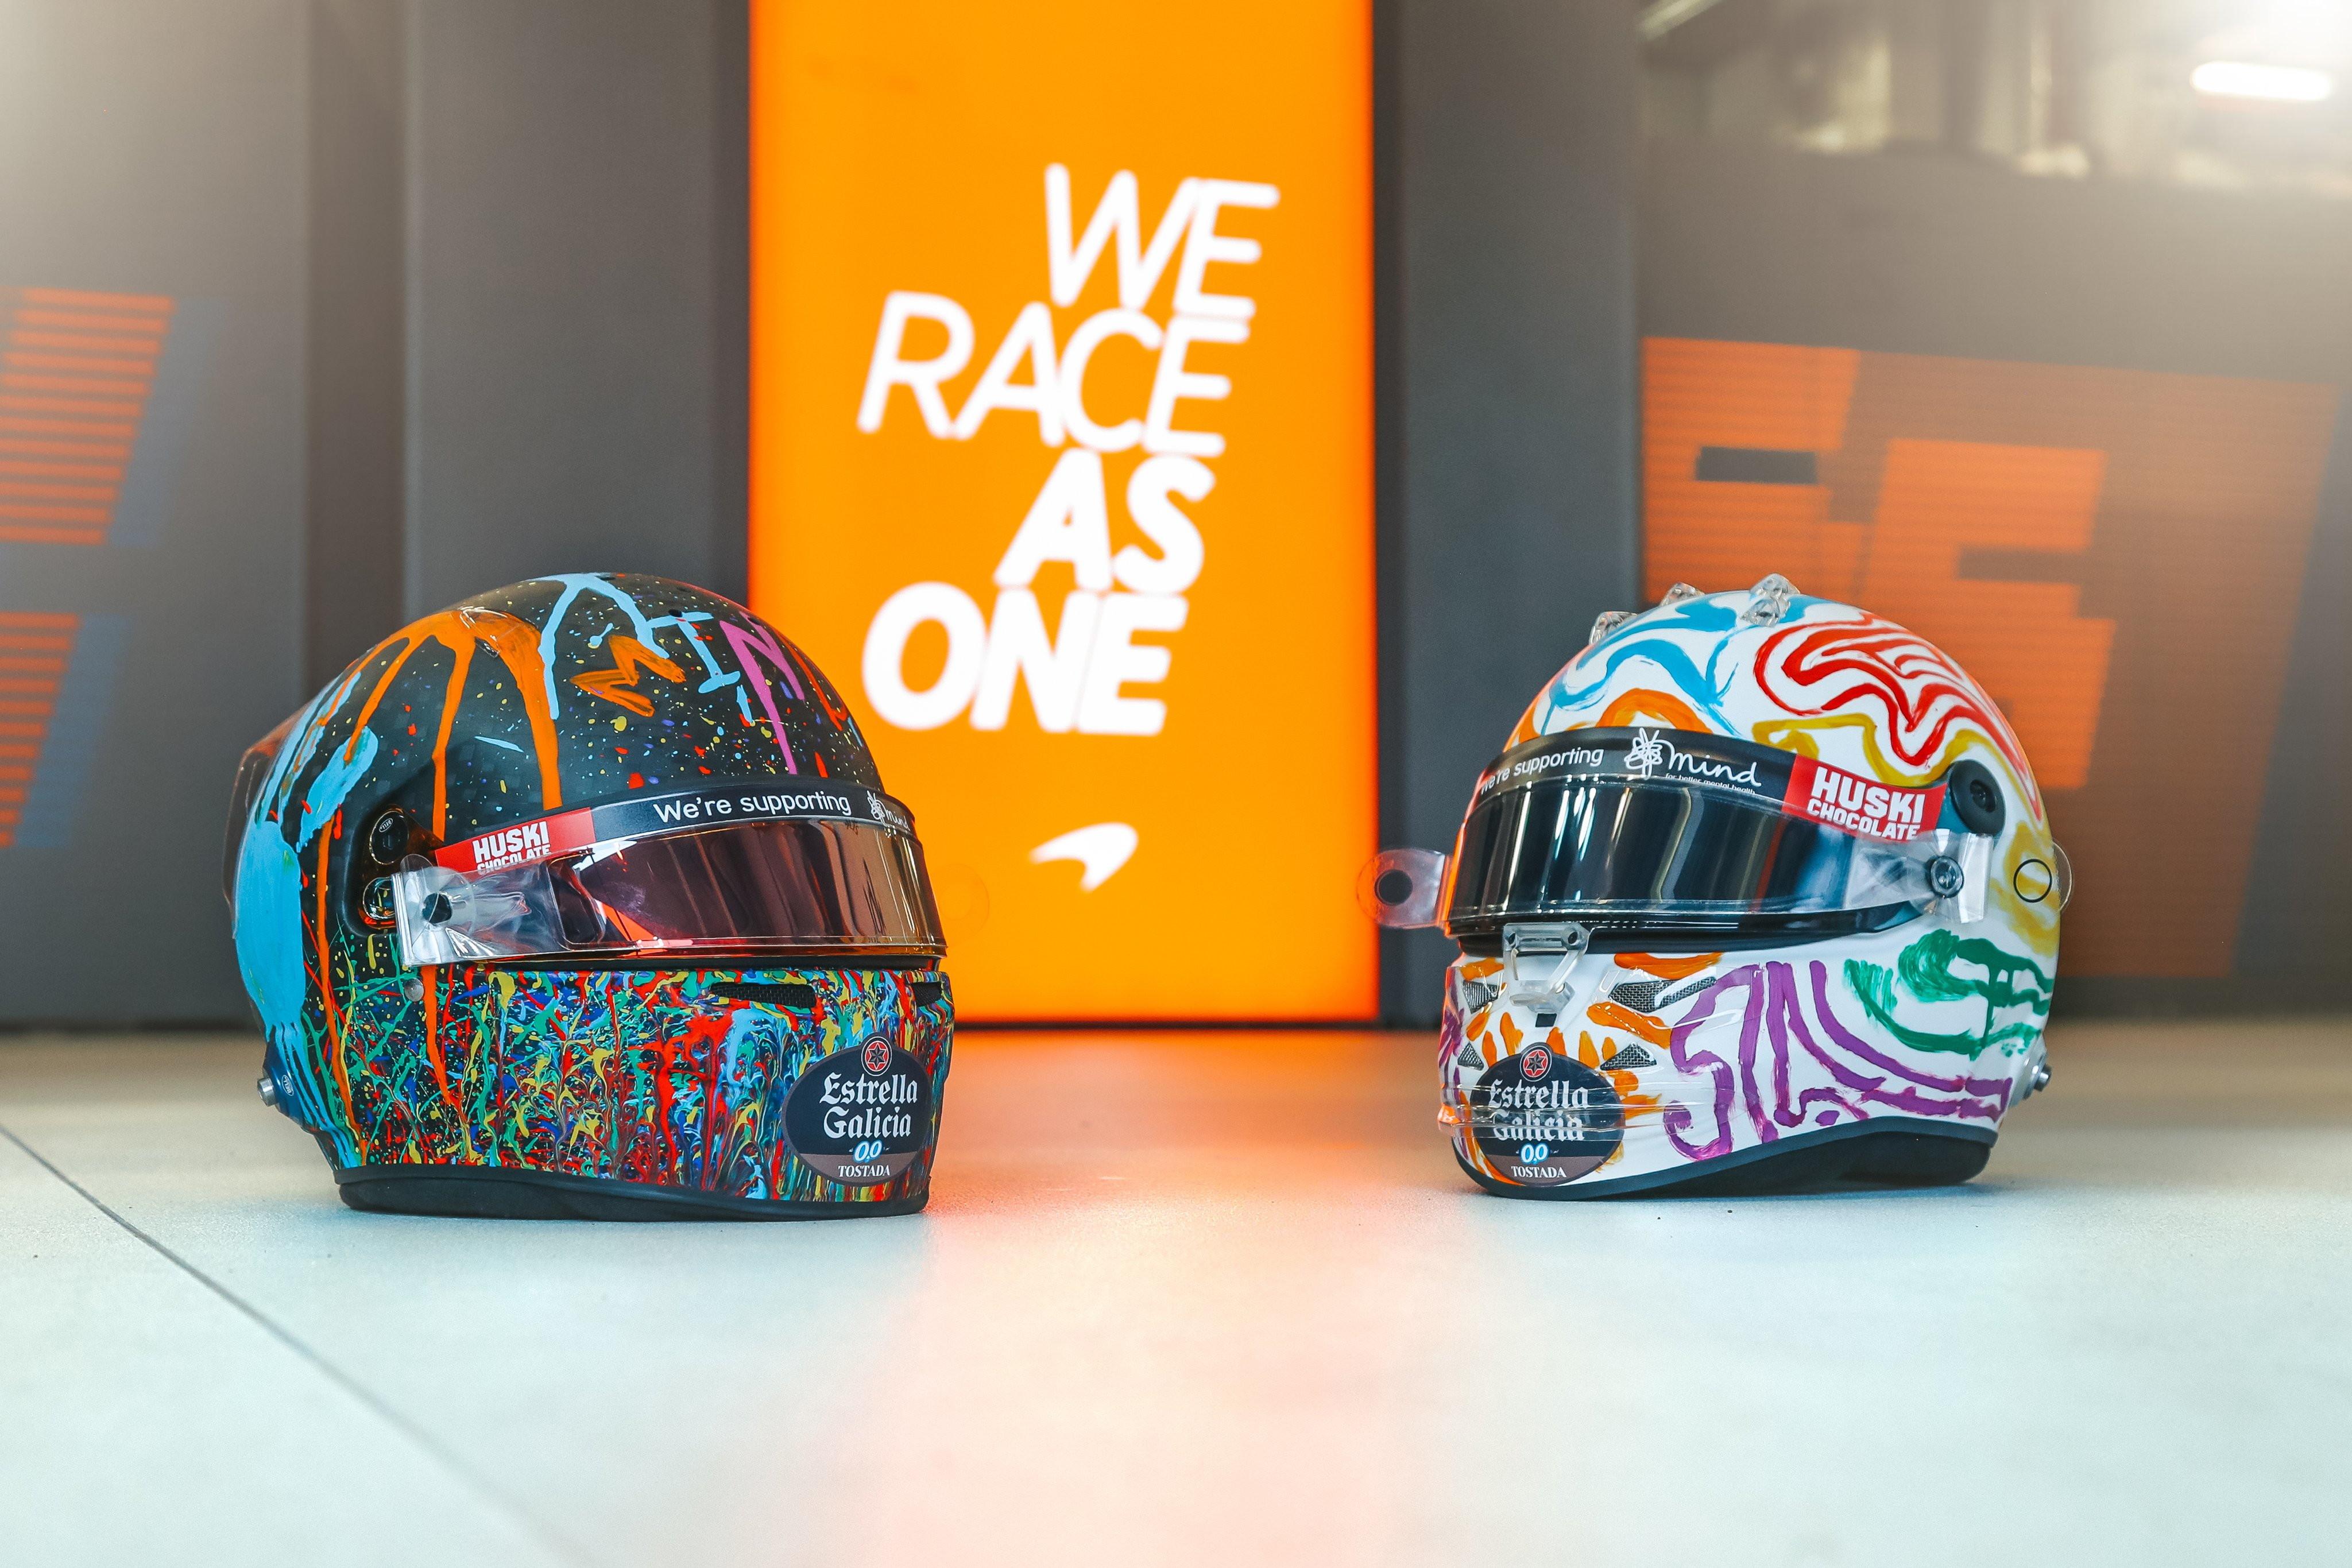 Sainz e Norris utilizzano dei caschi speciali per il GP dell&#39;Eifel: i due piloti della McLaren hanno aderito Giornata mondiale della salute mentale.<br /><br />